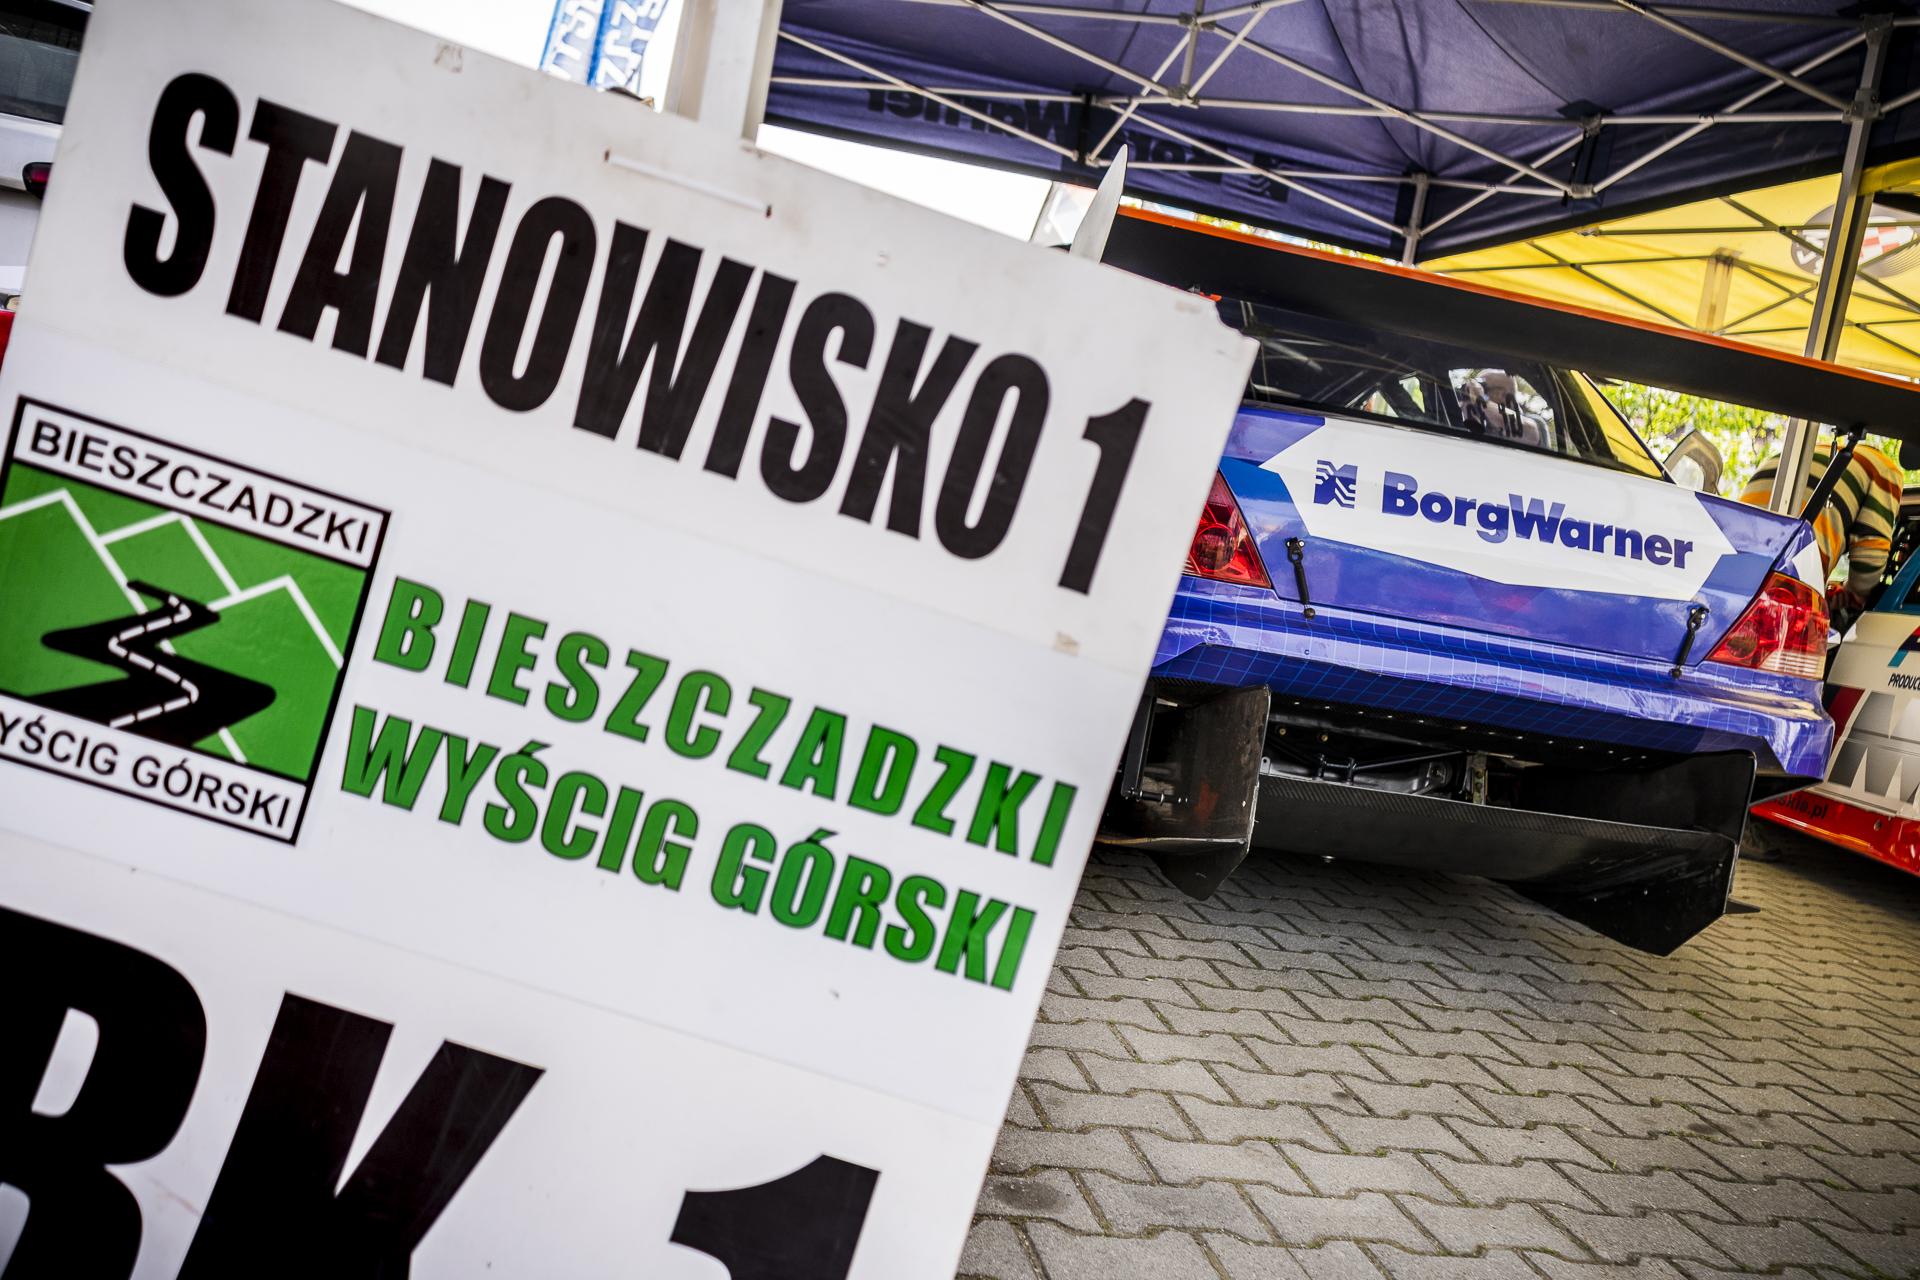 47 Bieszczadzki Wyścig Górski: Vàclav Janik wystartuje z jedynką! - Zdjęcie główne